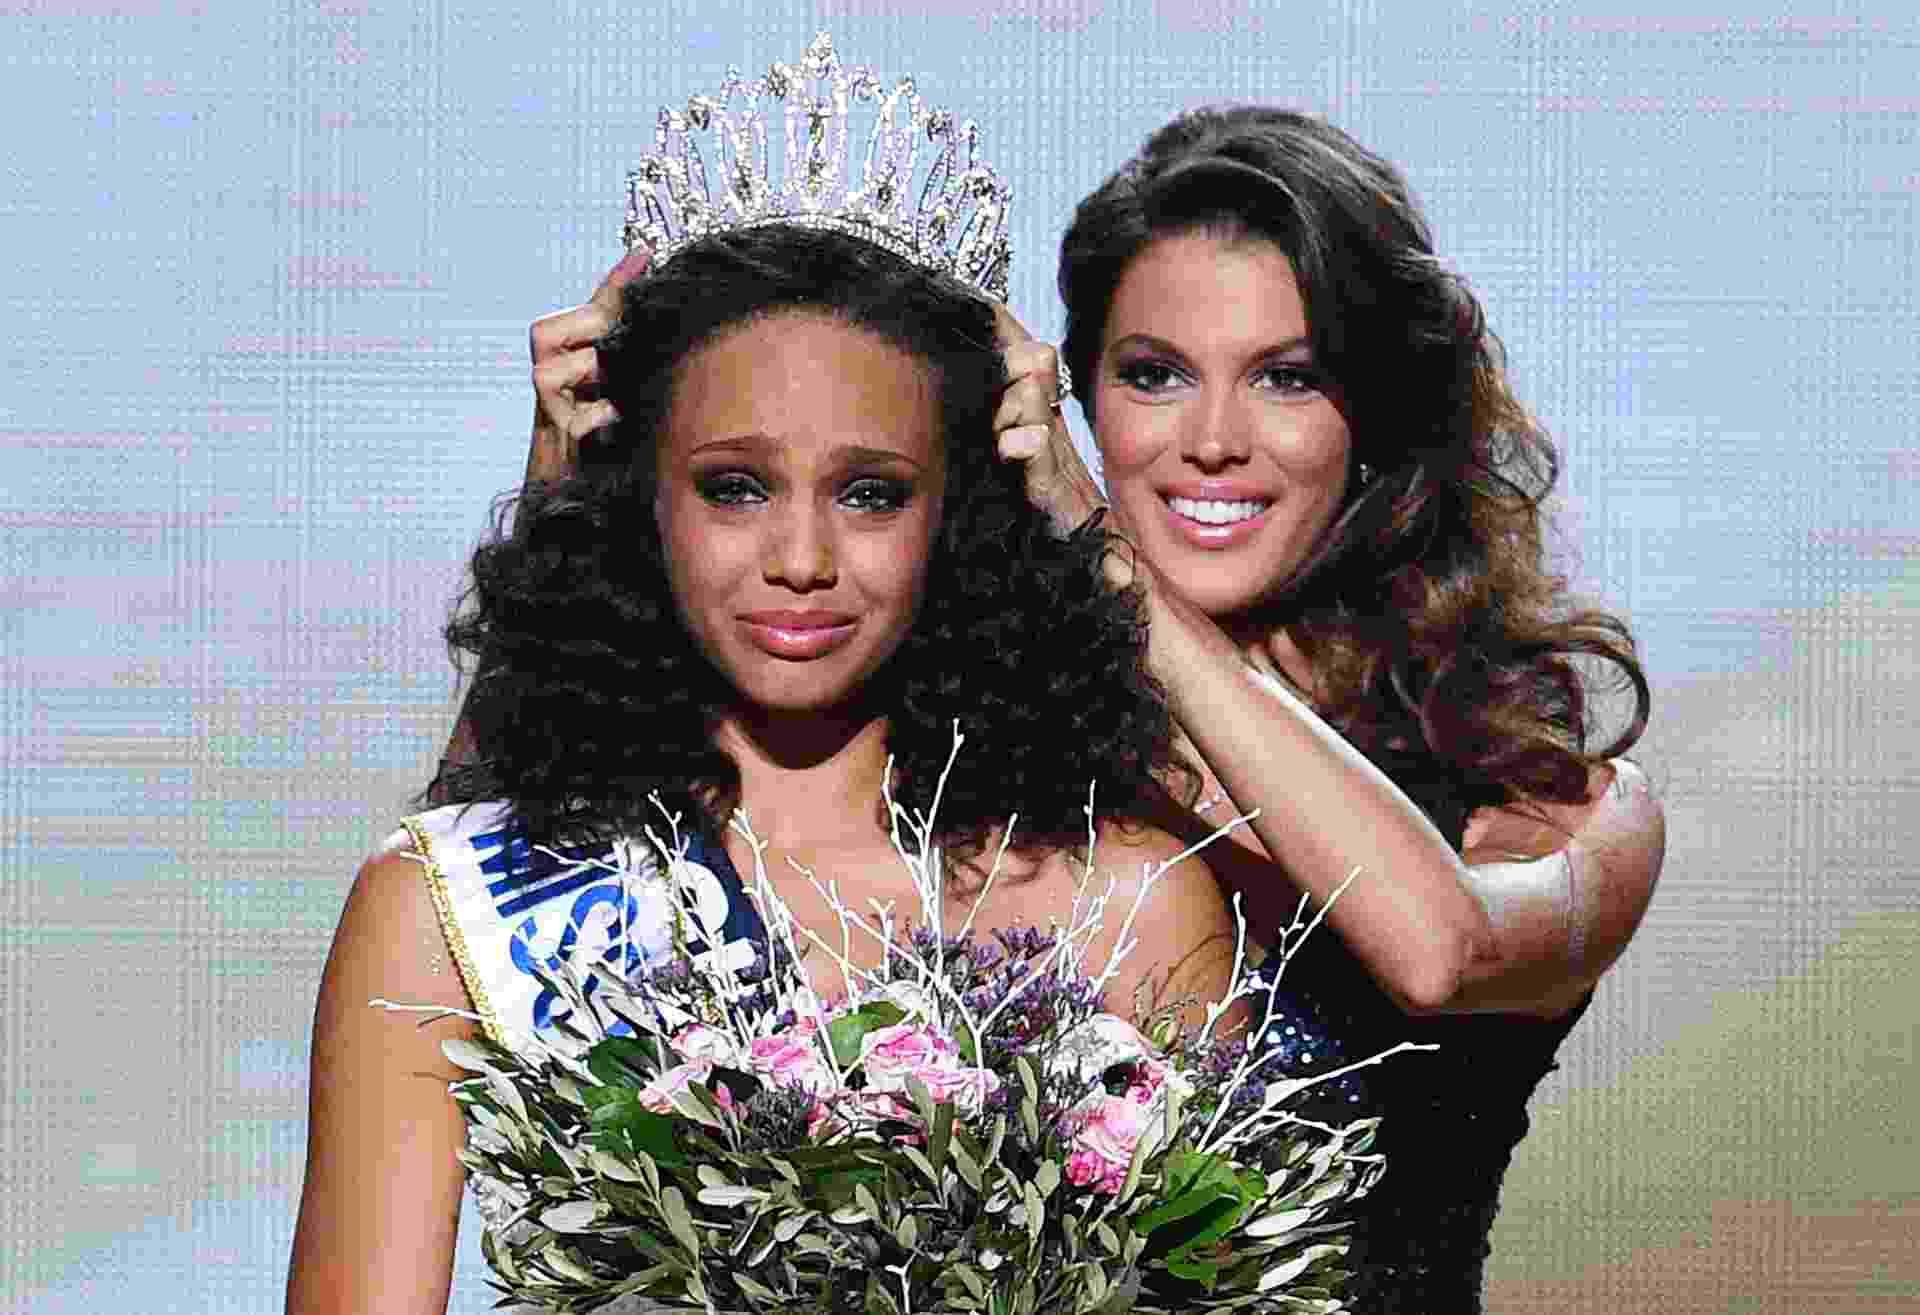 17.dez.2016 - Pela primeira vez na história do concurso, uma representante da Guiana Francesa foi coroada Miss França. Alicia Ayles, de 18 anos de idade, foi eleita na noite de sábado (17), em Montpellier. A jovem é estudante de direito e tem 1,78m de altura. O concurso contou com 30 candidatas - Pascal Guyot/ AFP